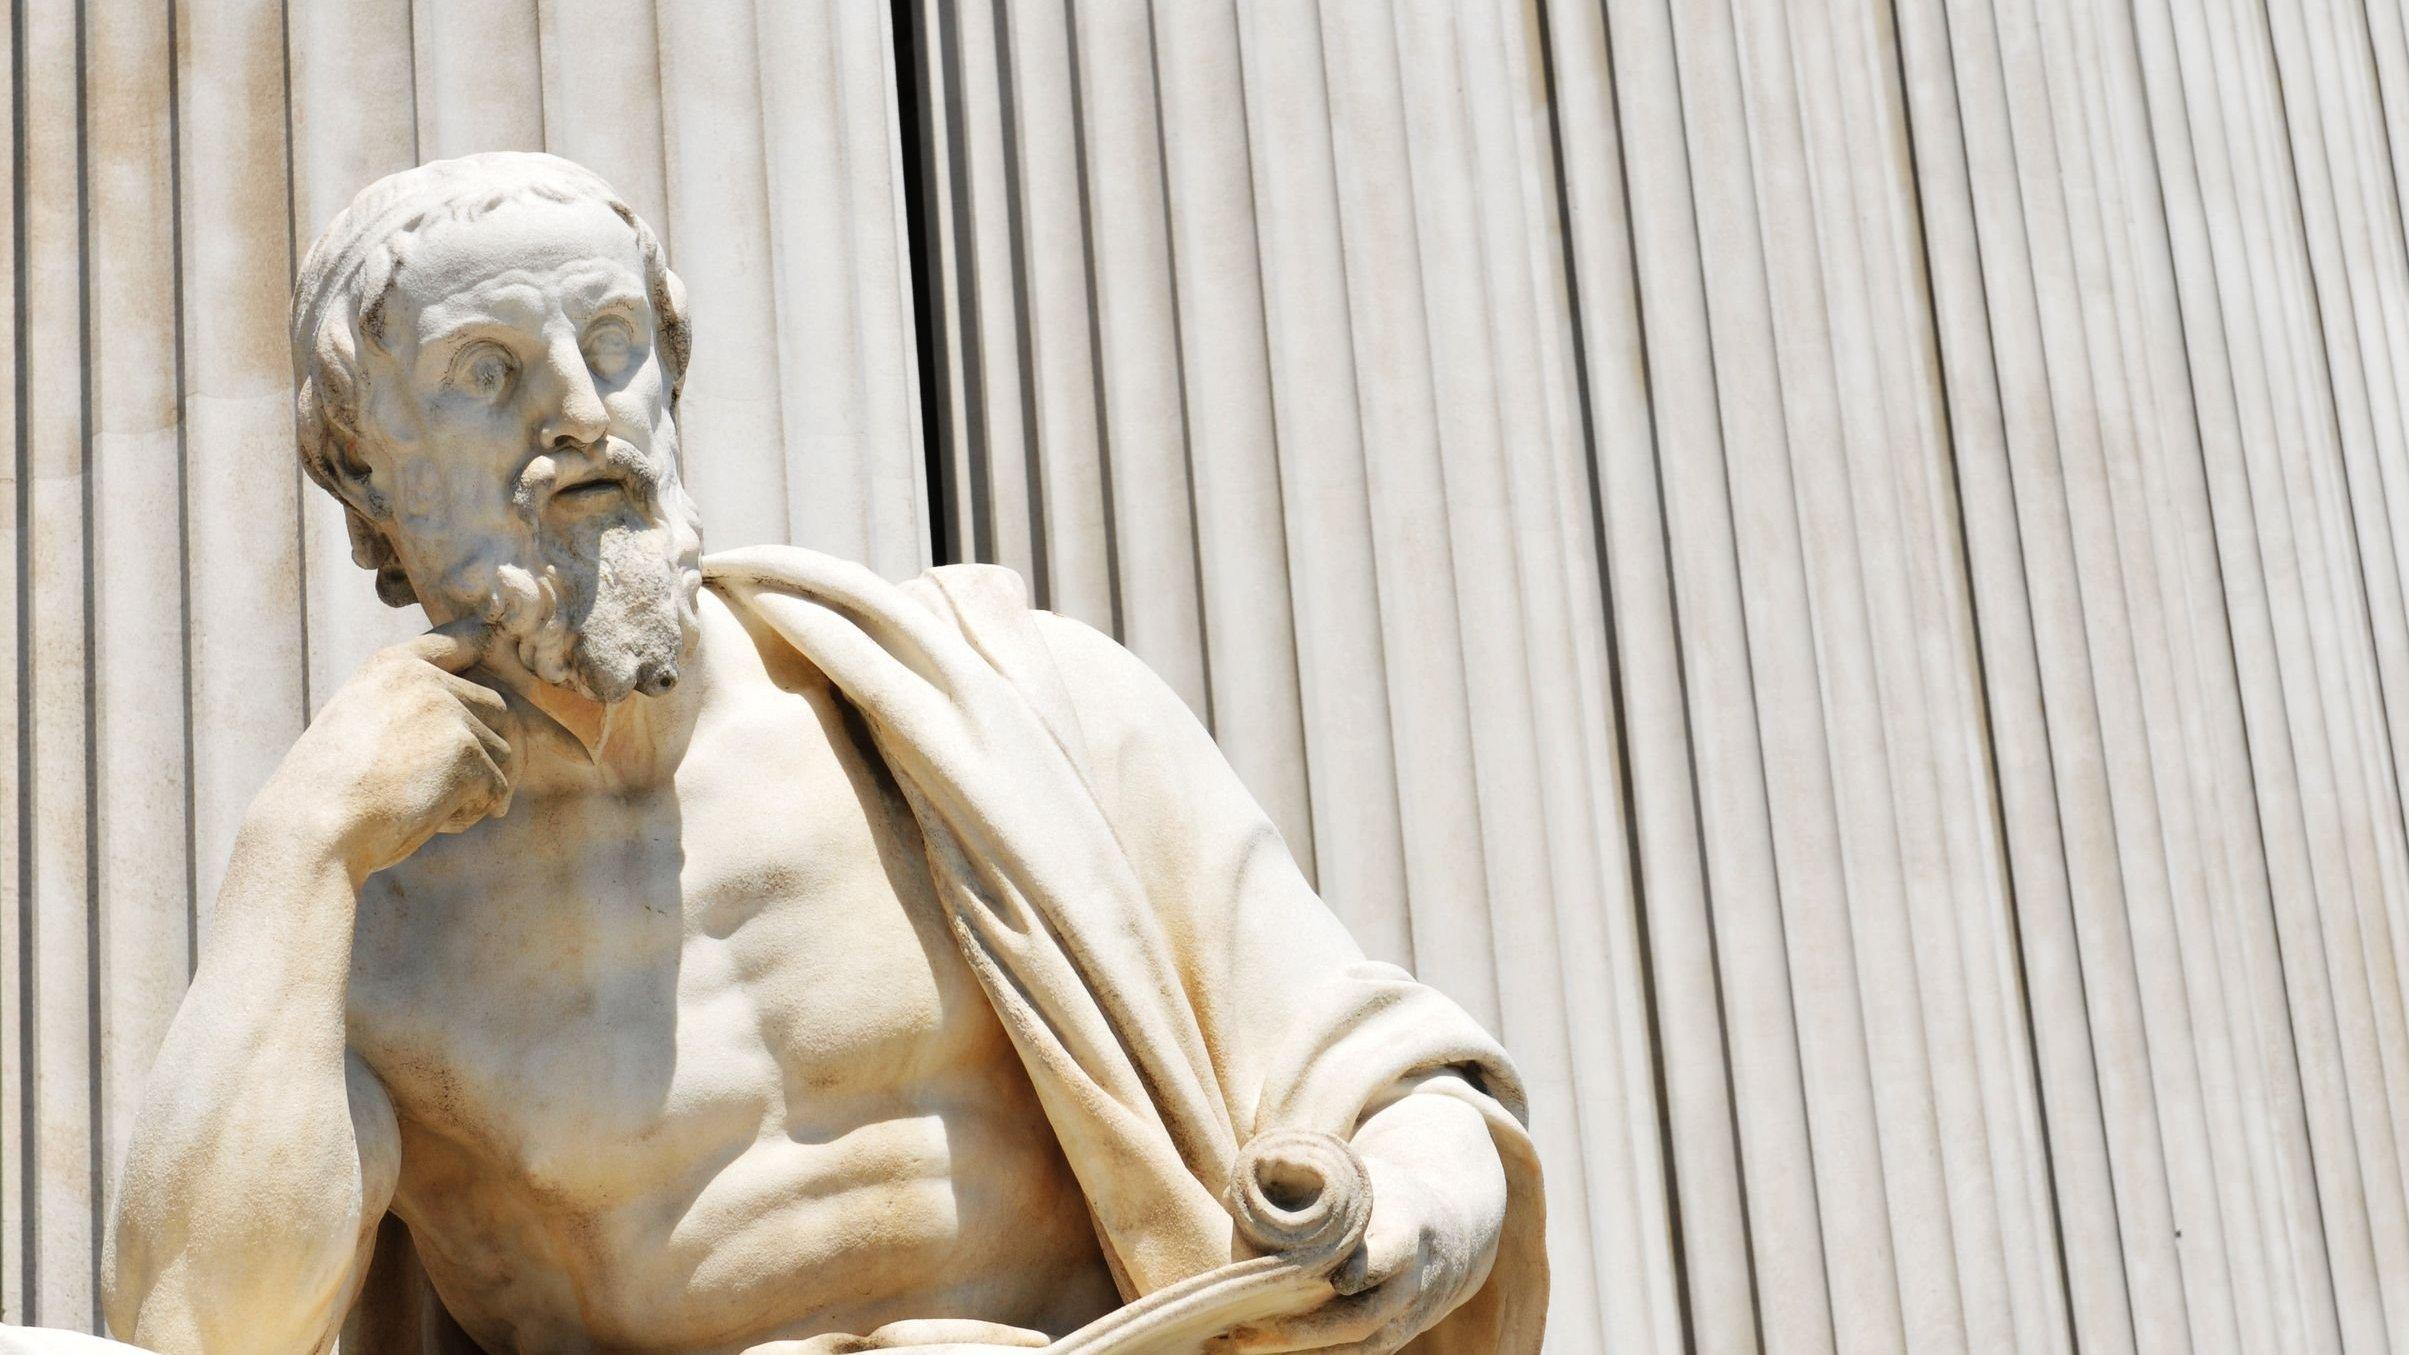 Escultura de filosofo.